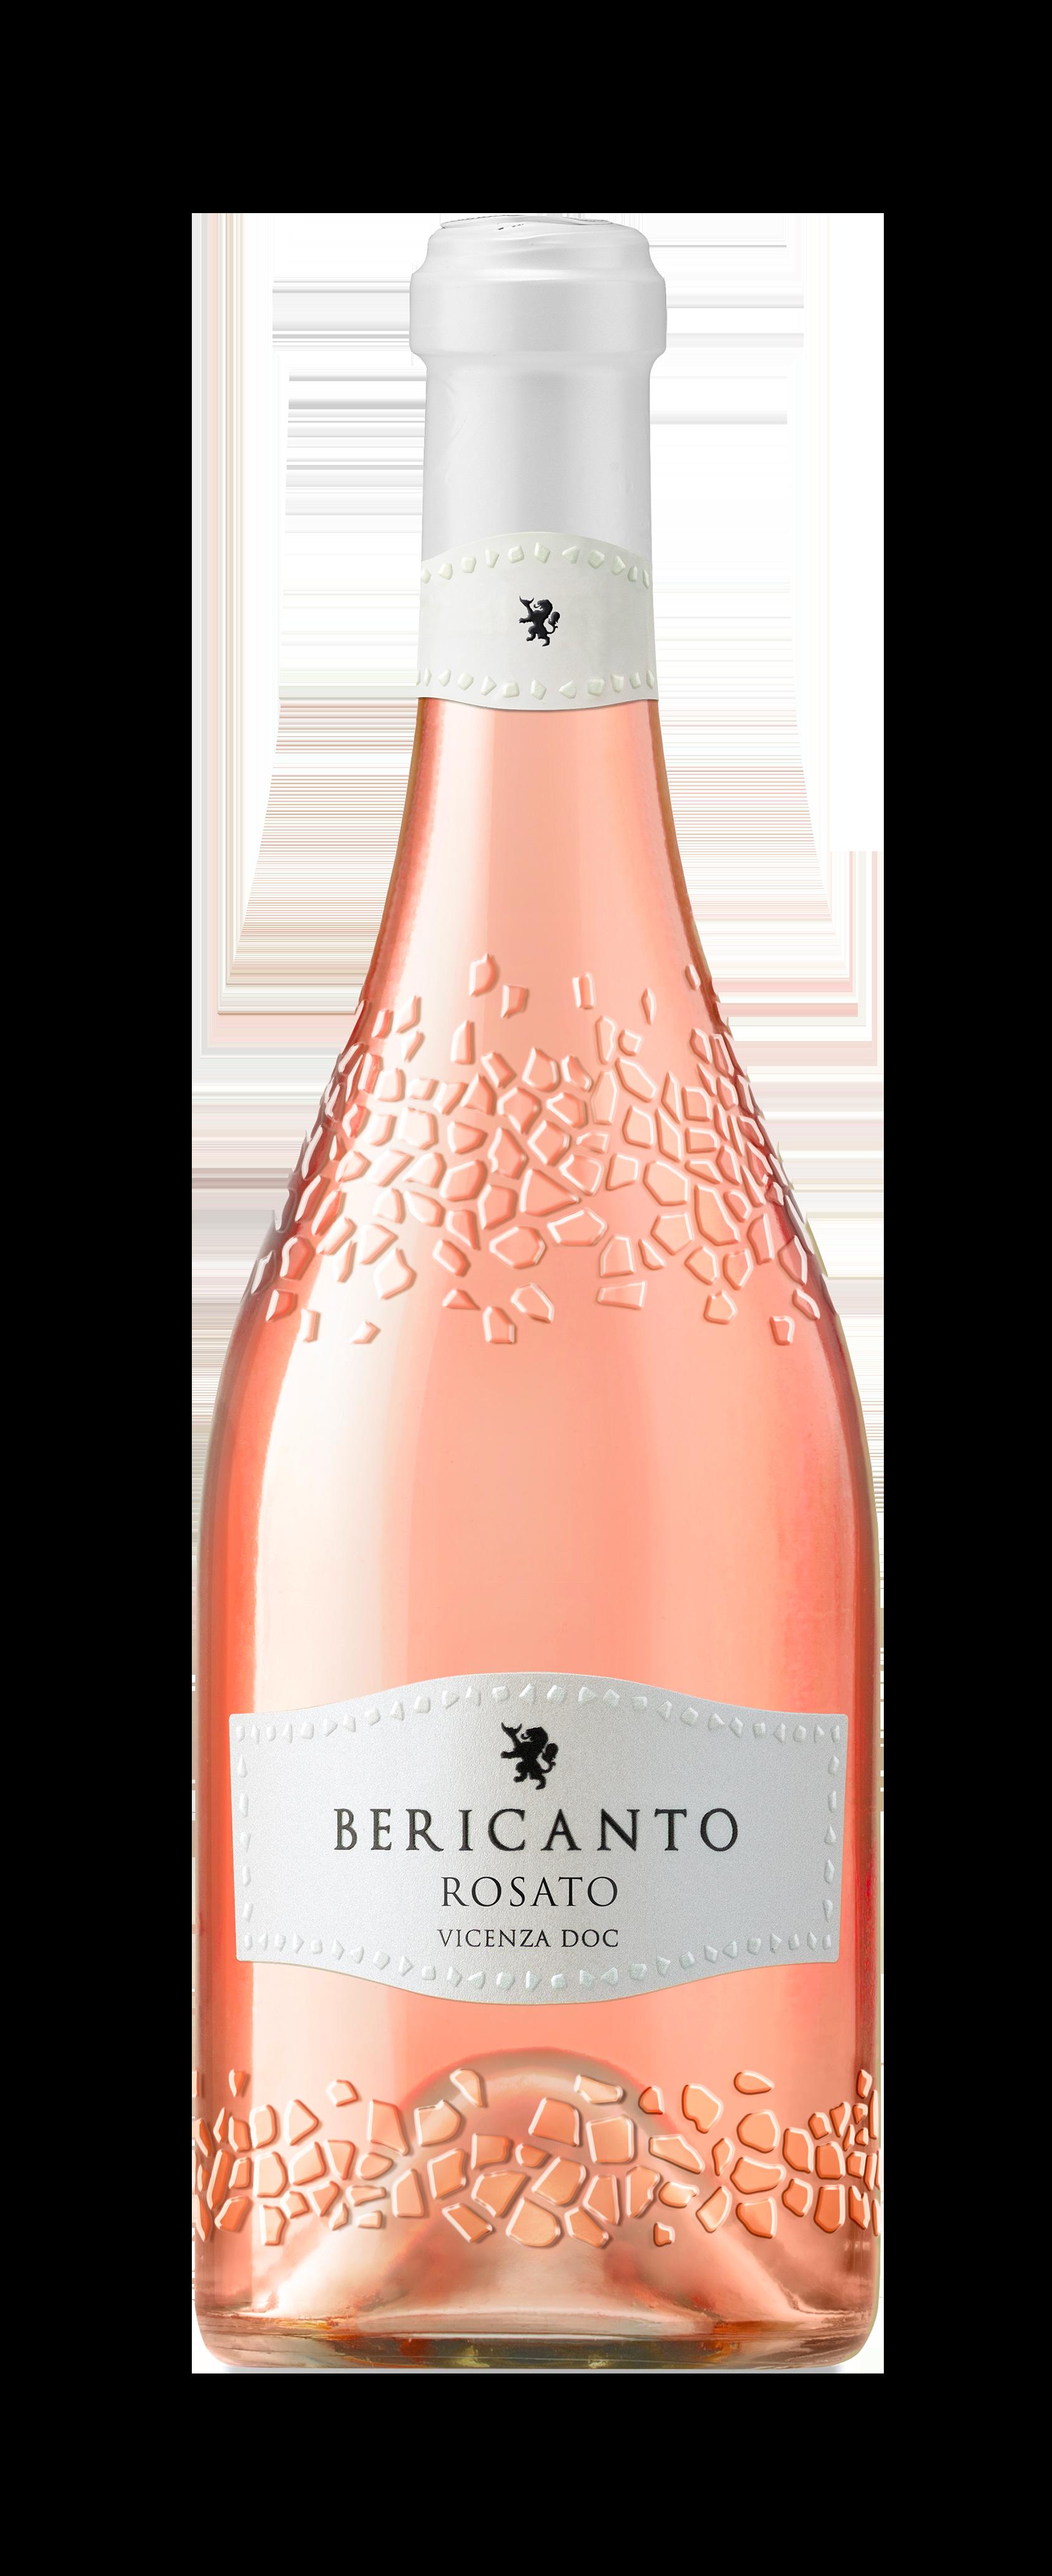 rosè wine vicenza colli berici